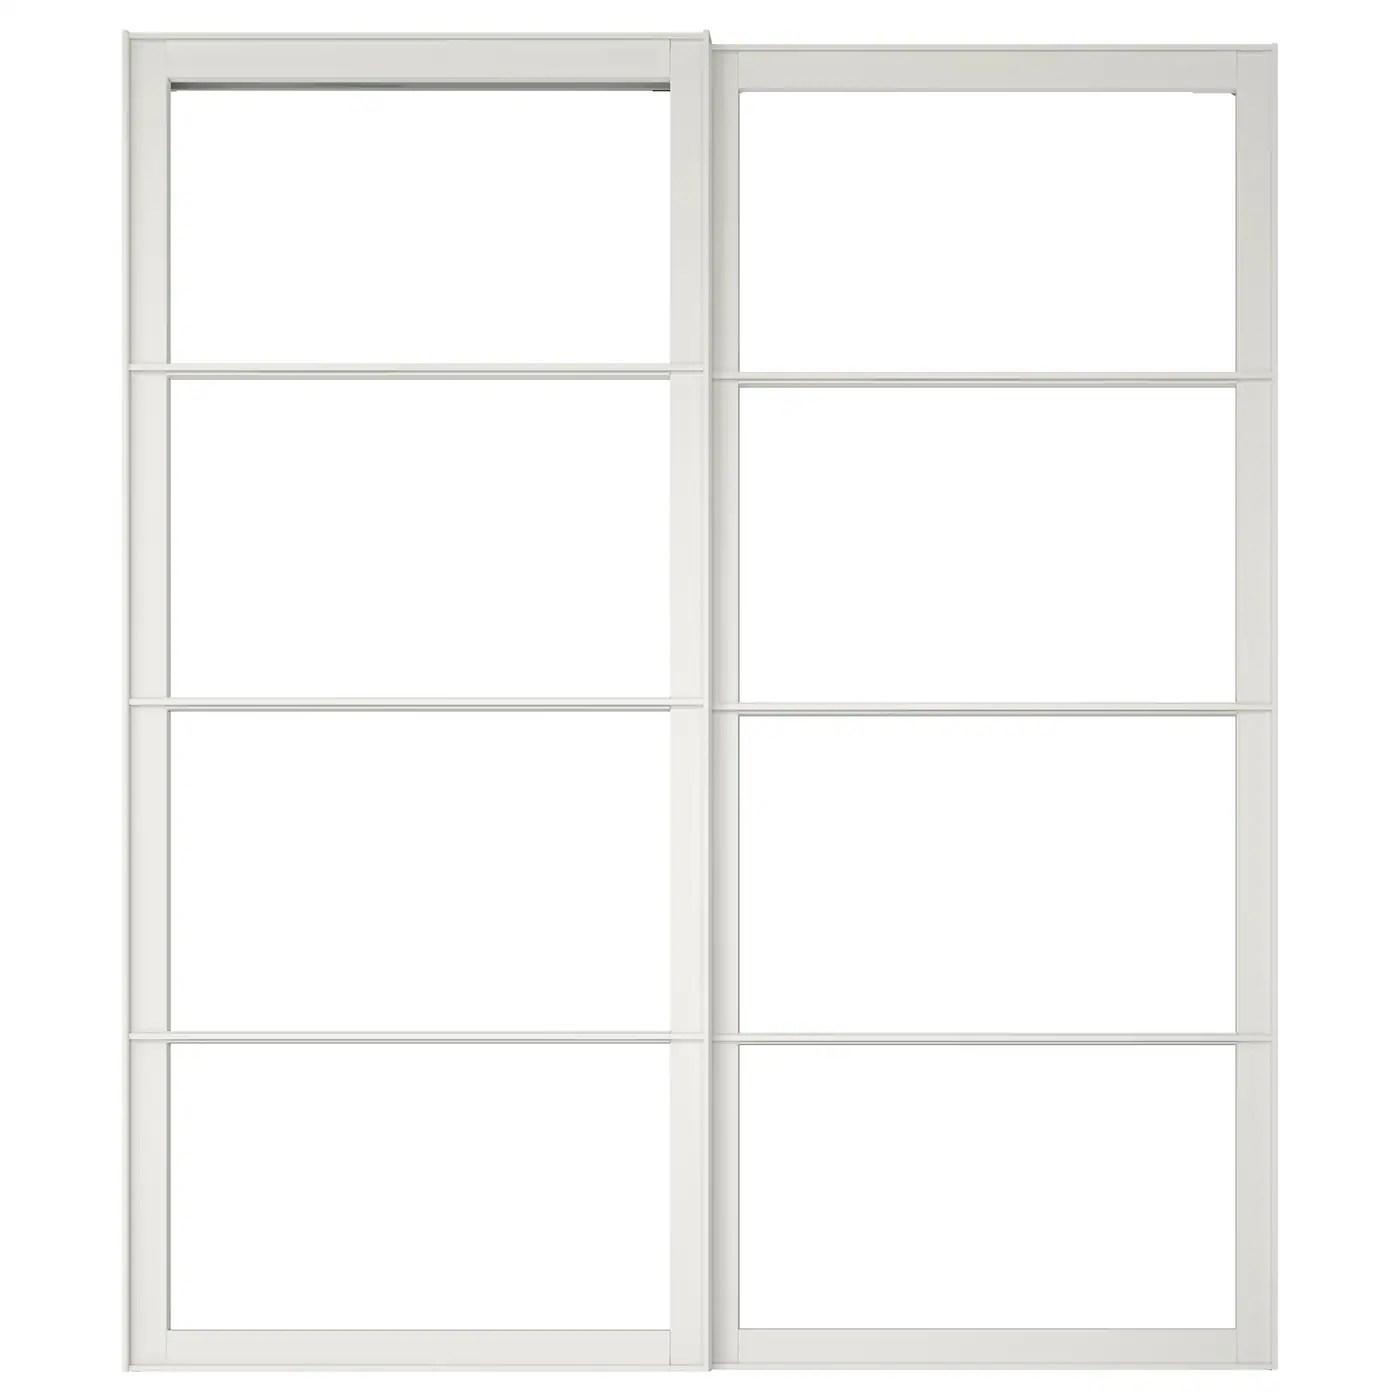 pax cadre porte coulissante 2pces blanc 200x236 cm